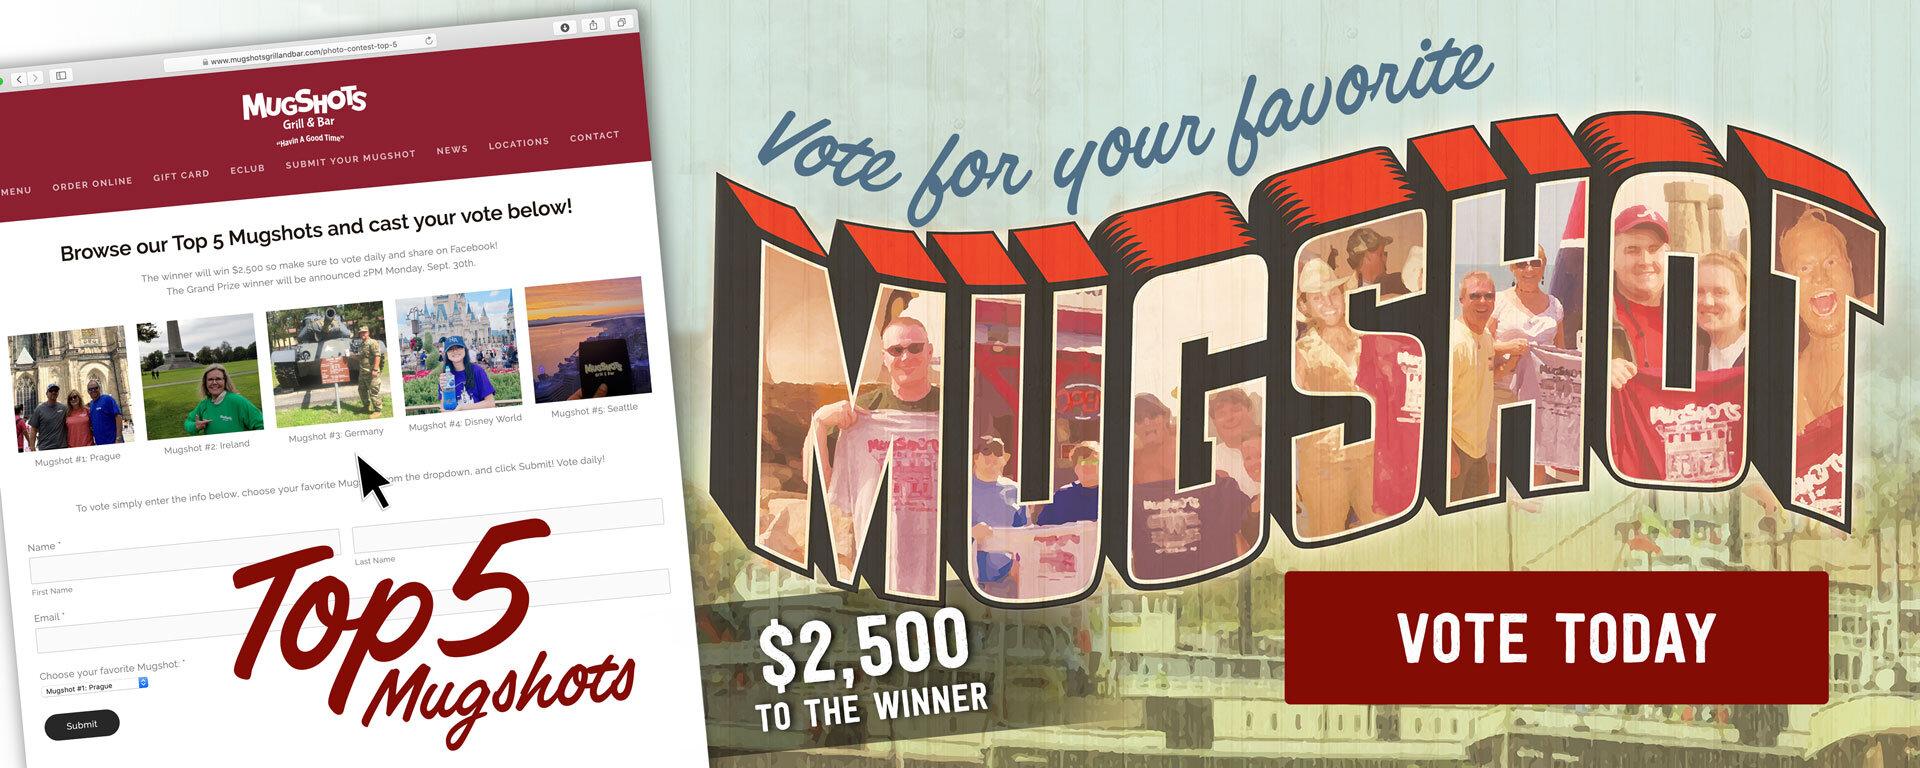 vote-photo-contest-top5.jpg